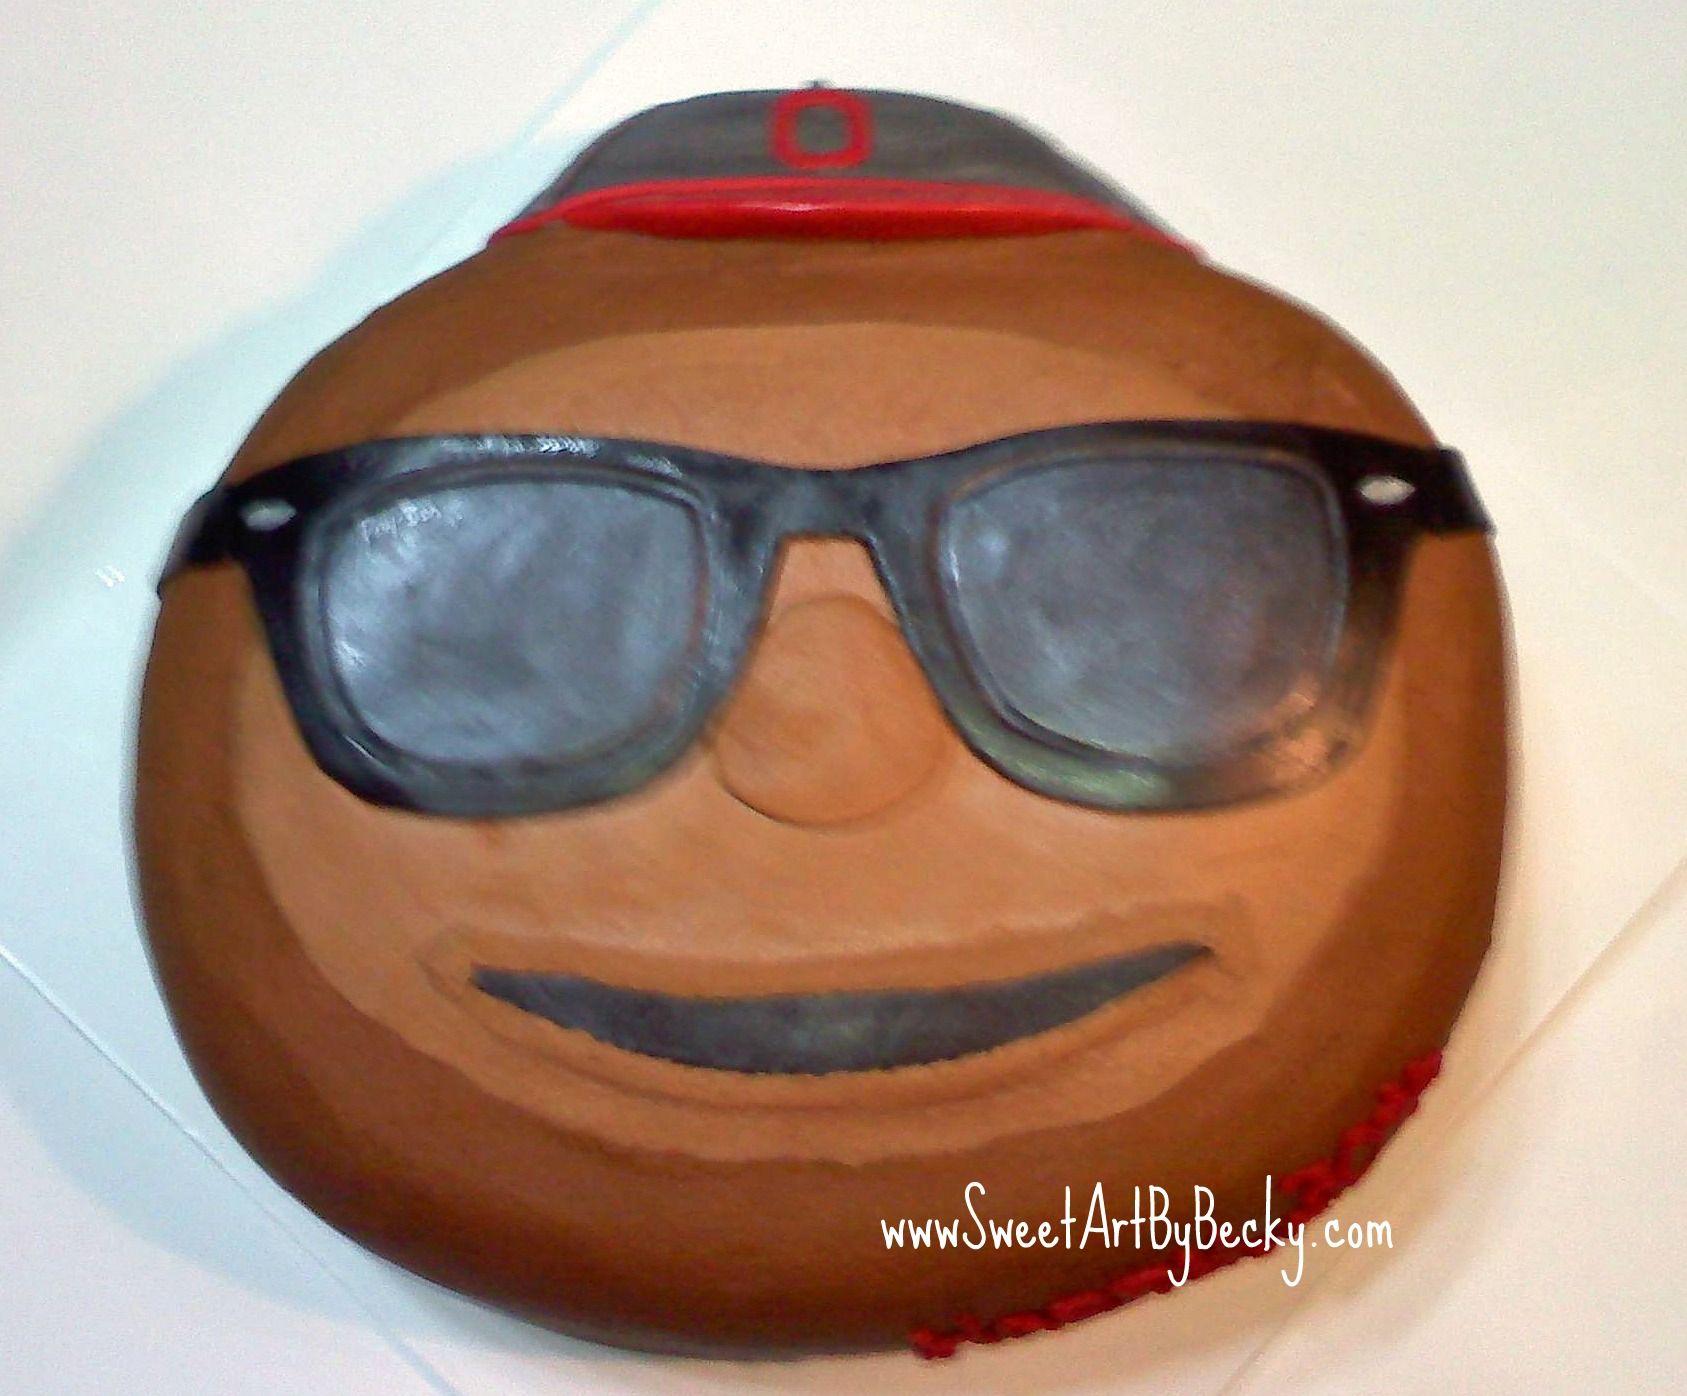 Ohio state university brutus buckeye statue - Brutus Buckeye Ohio State Cake